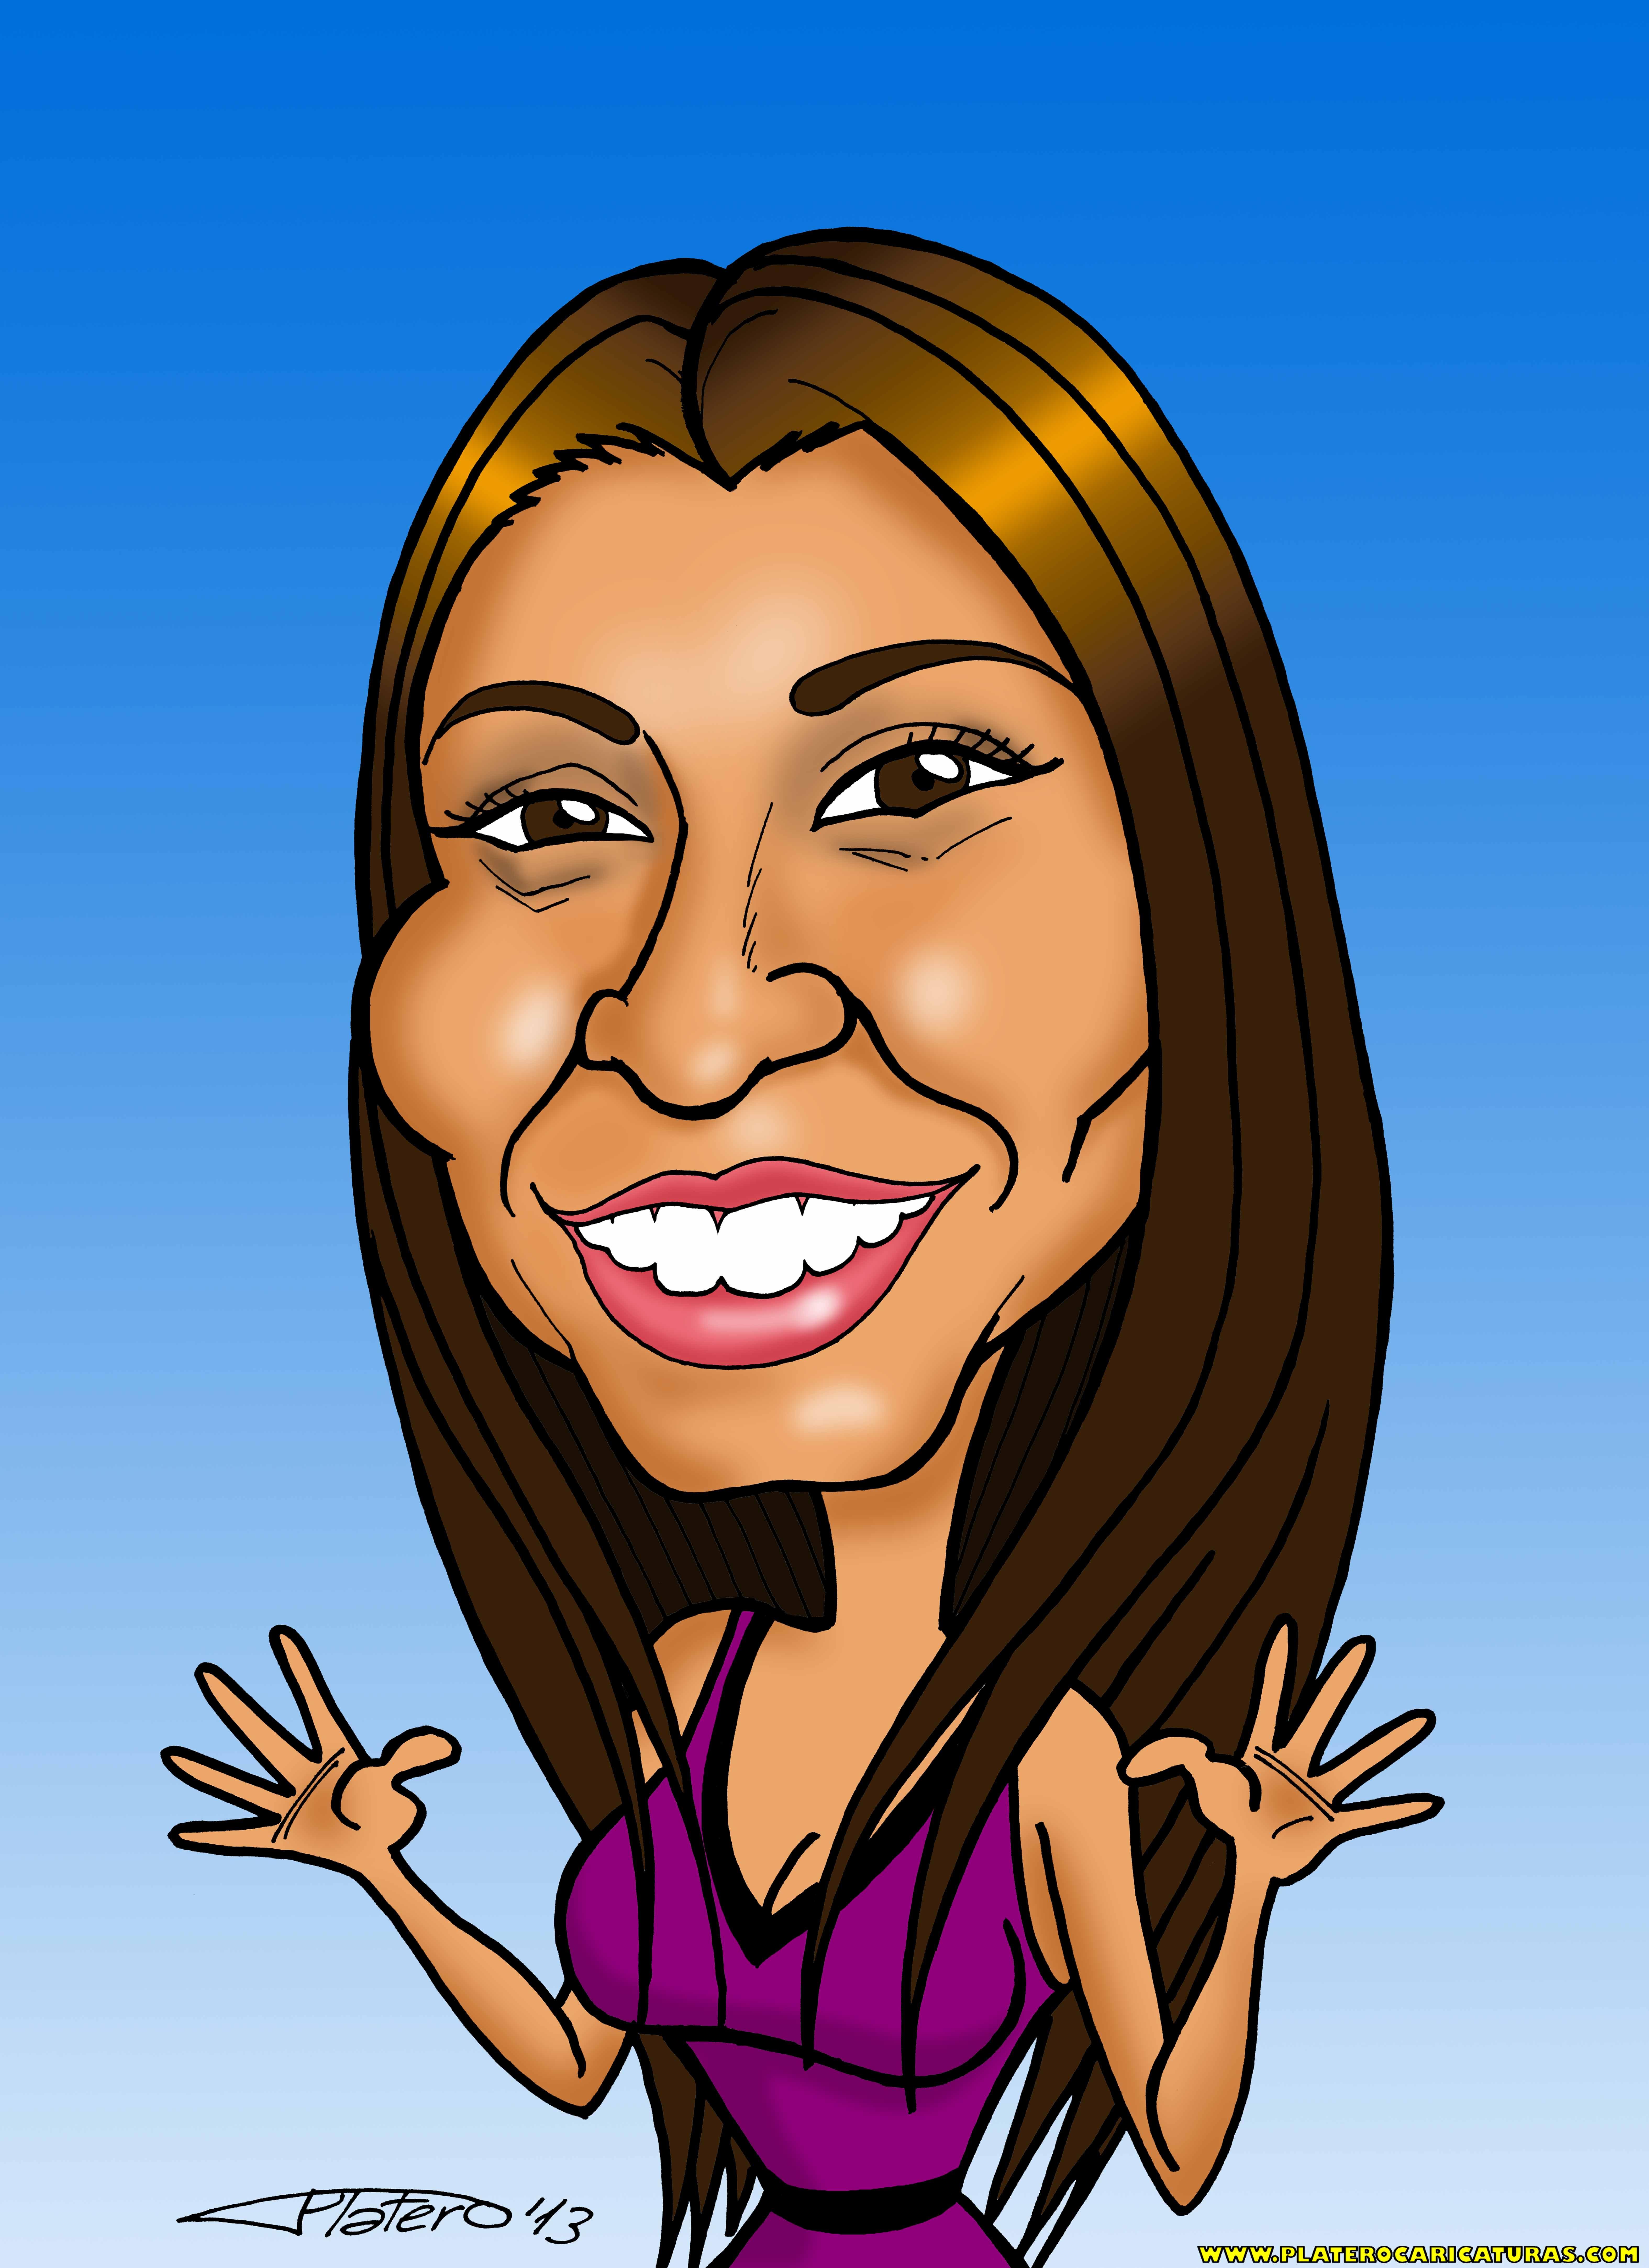 caricaturas a color por encargo personalizadas_chica sonriente_platerocaricatura